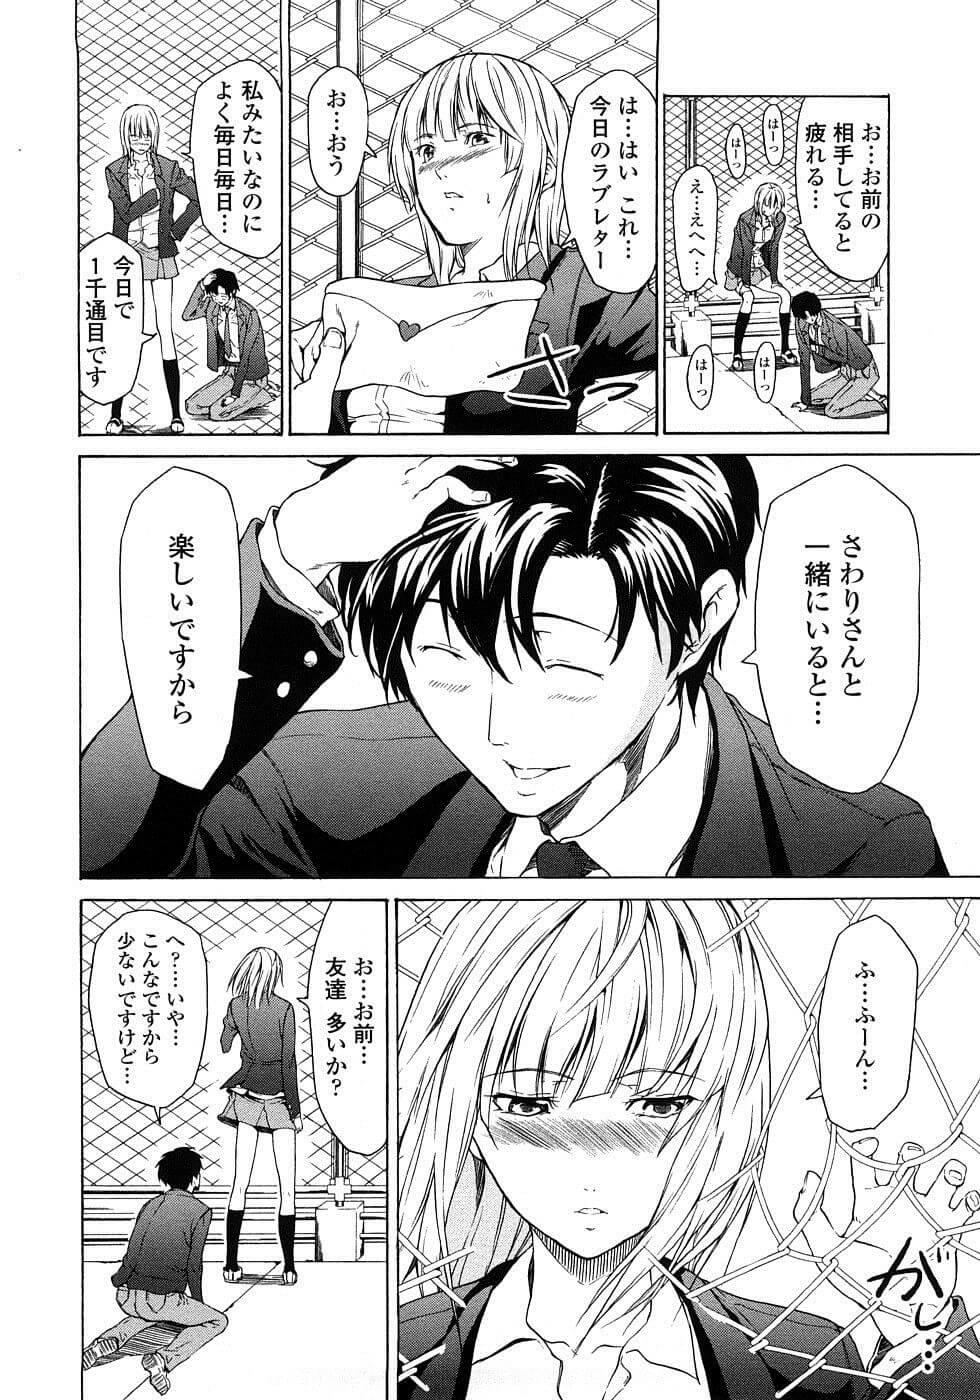 【エロ漫画】学校ではまわりの人間から怖がられているツンデレな不良JKは、最近ある男子から何度も付き合ってくれと告白されていて…【無料 エロ同人】 (4)